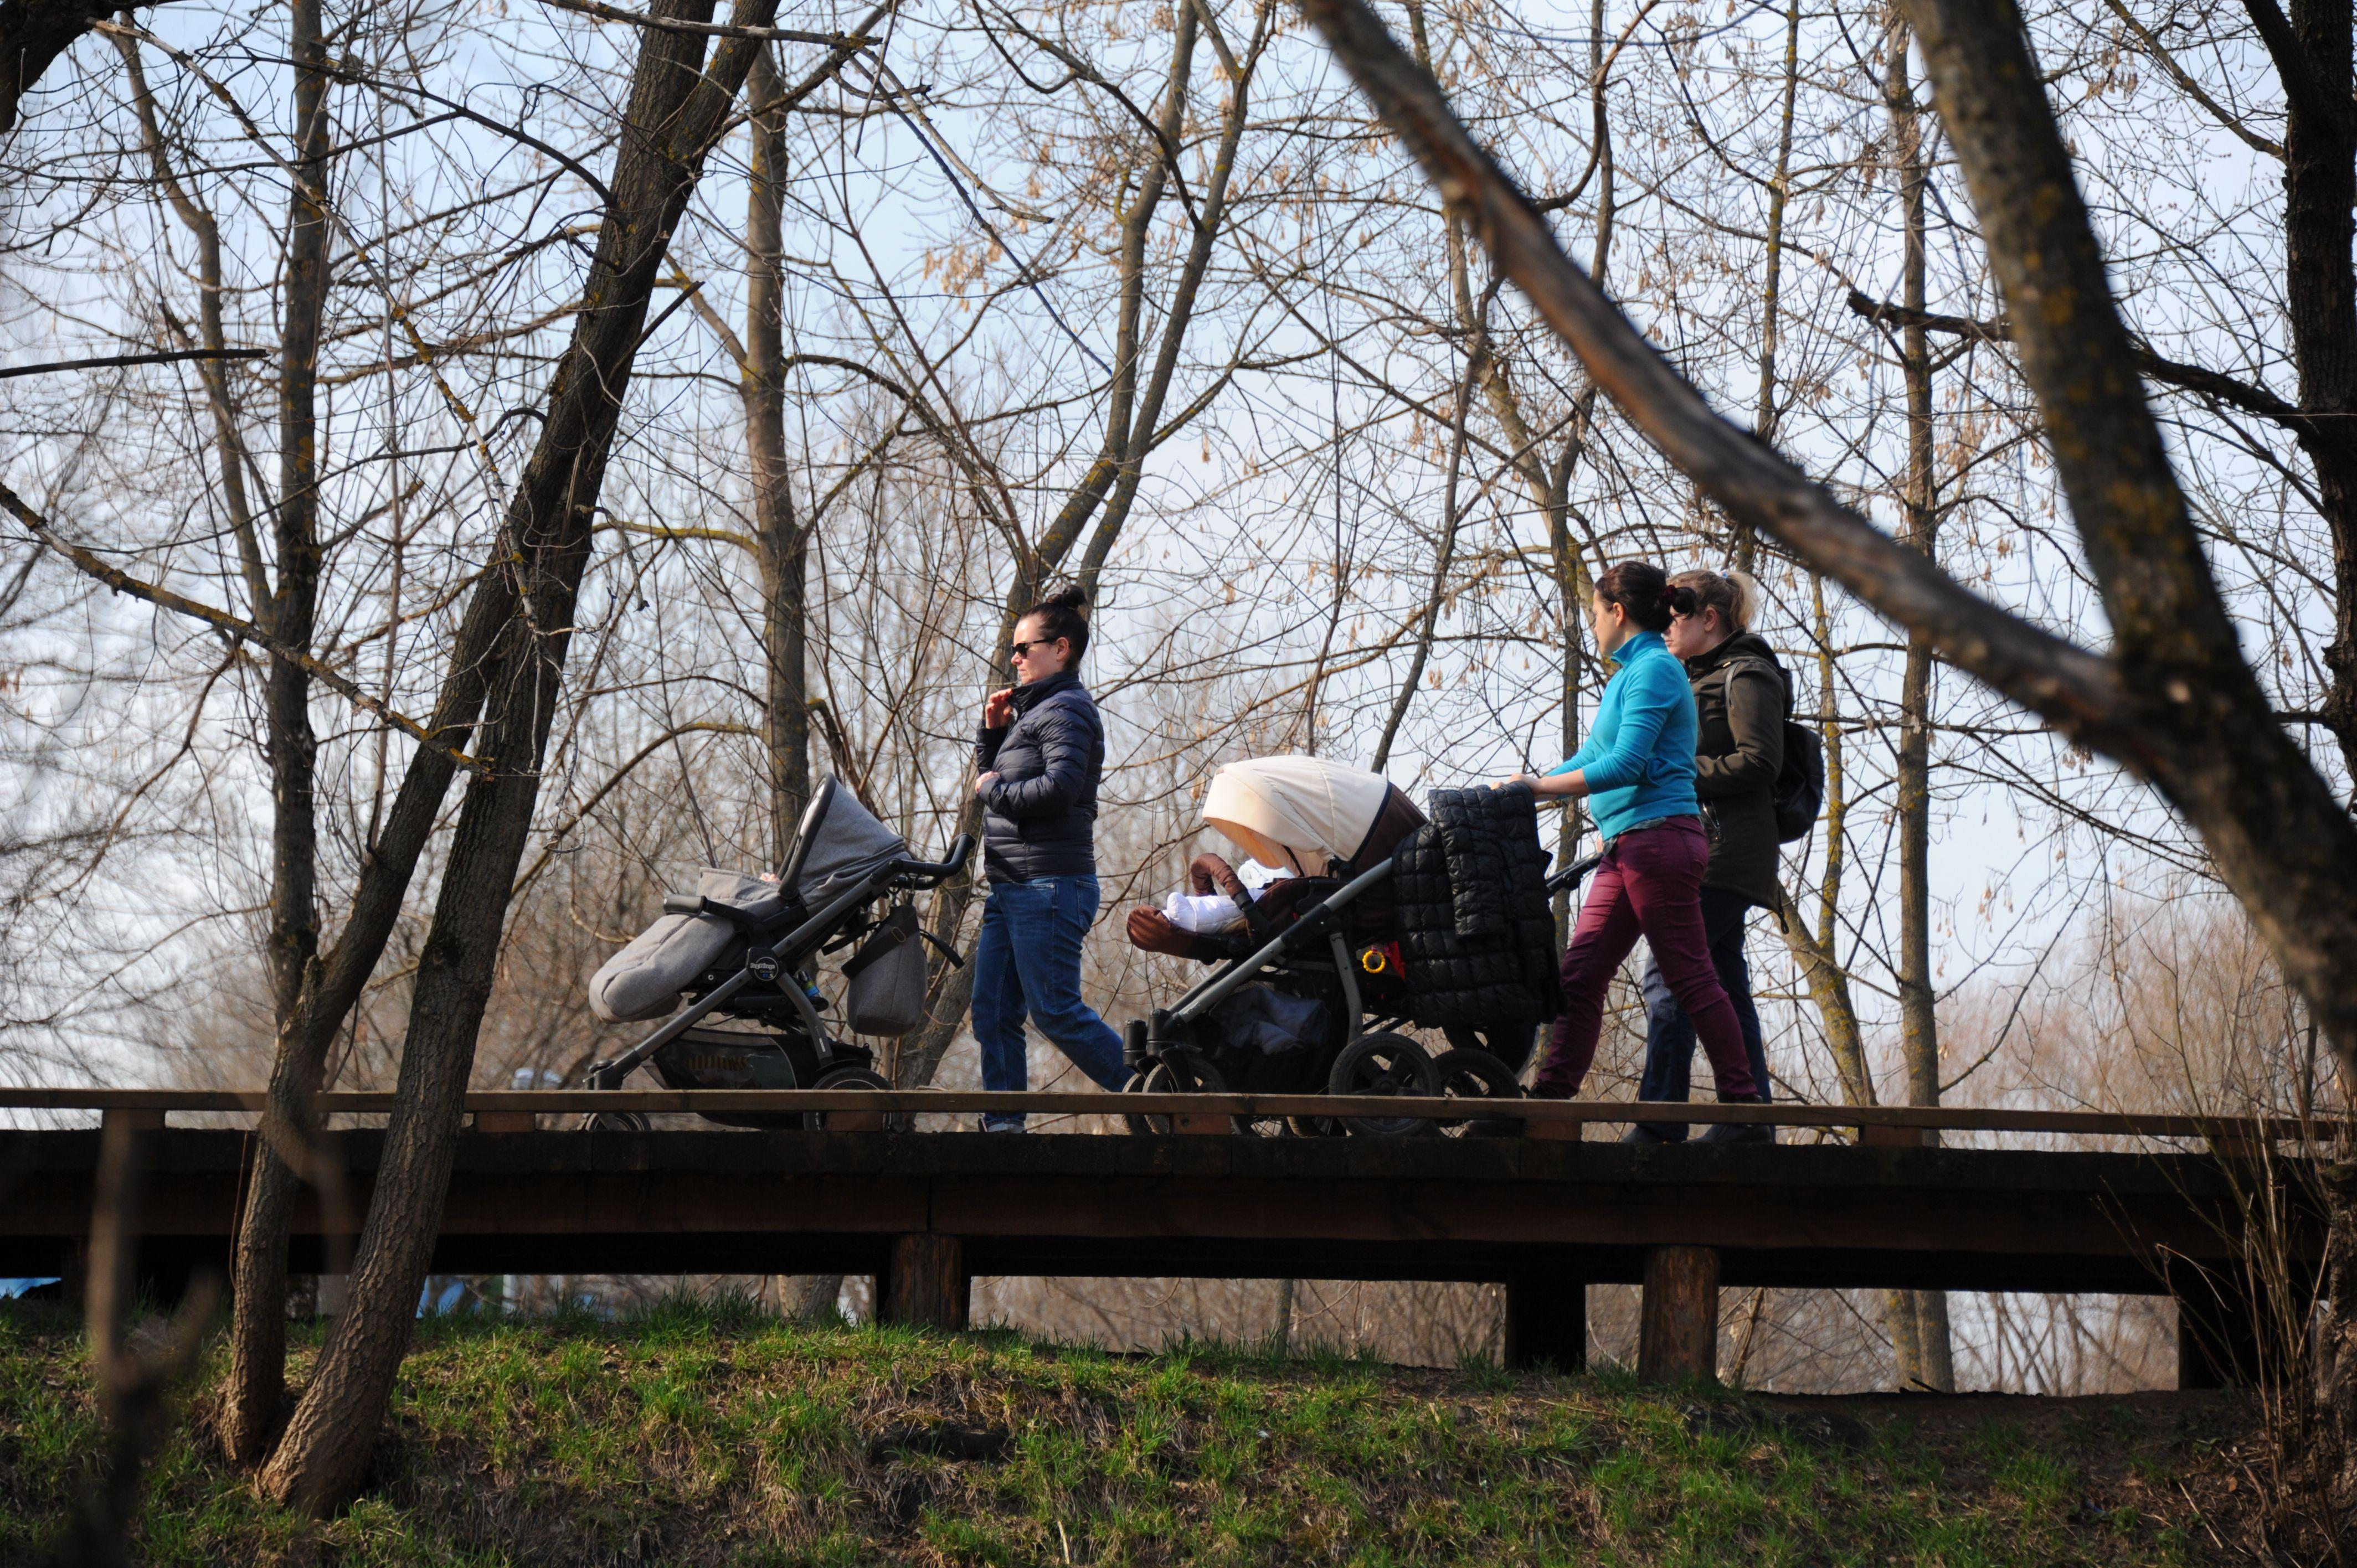 Москва запустит сервис по аренде детских колясок